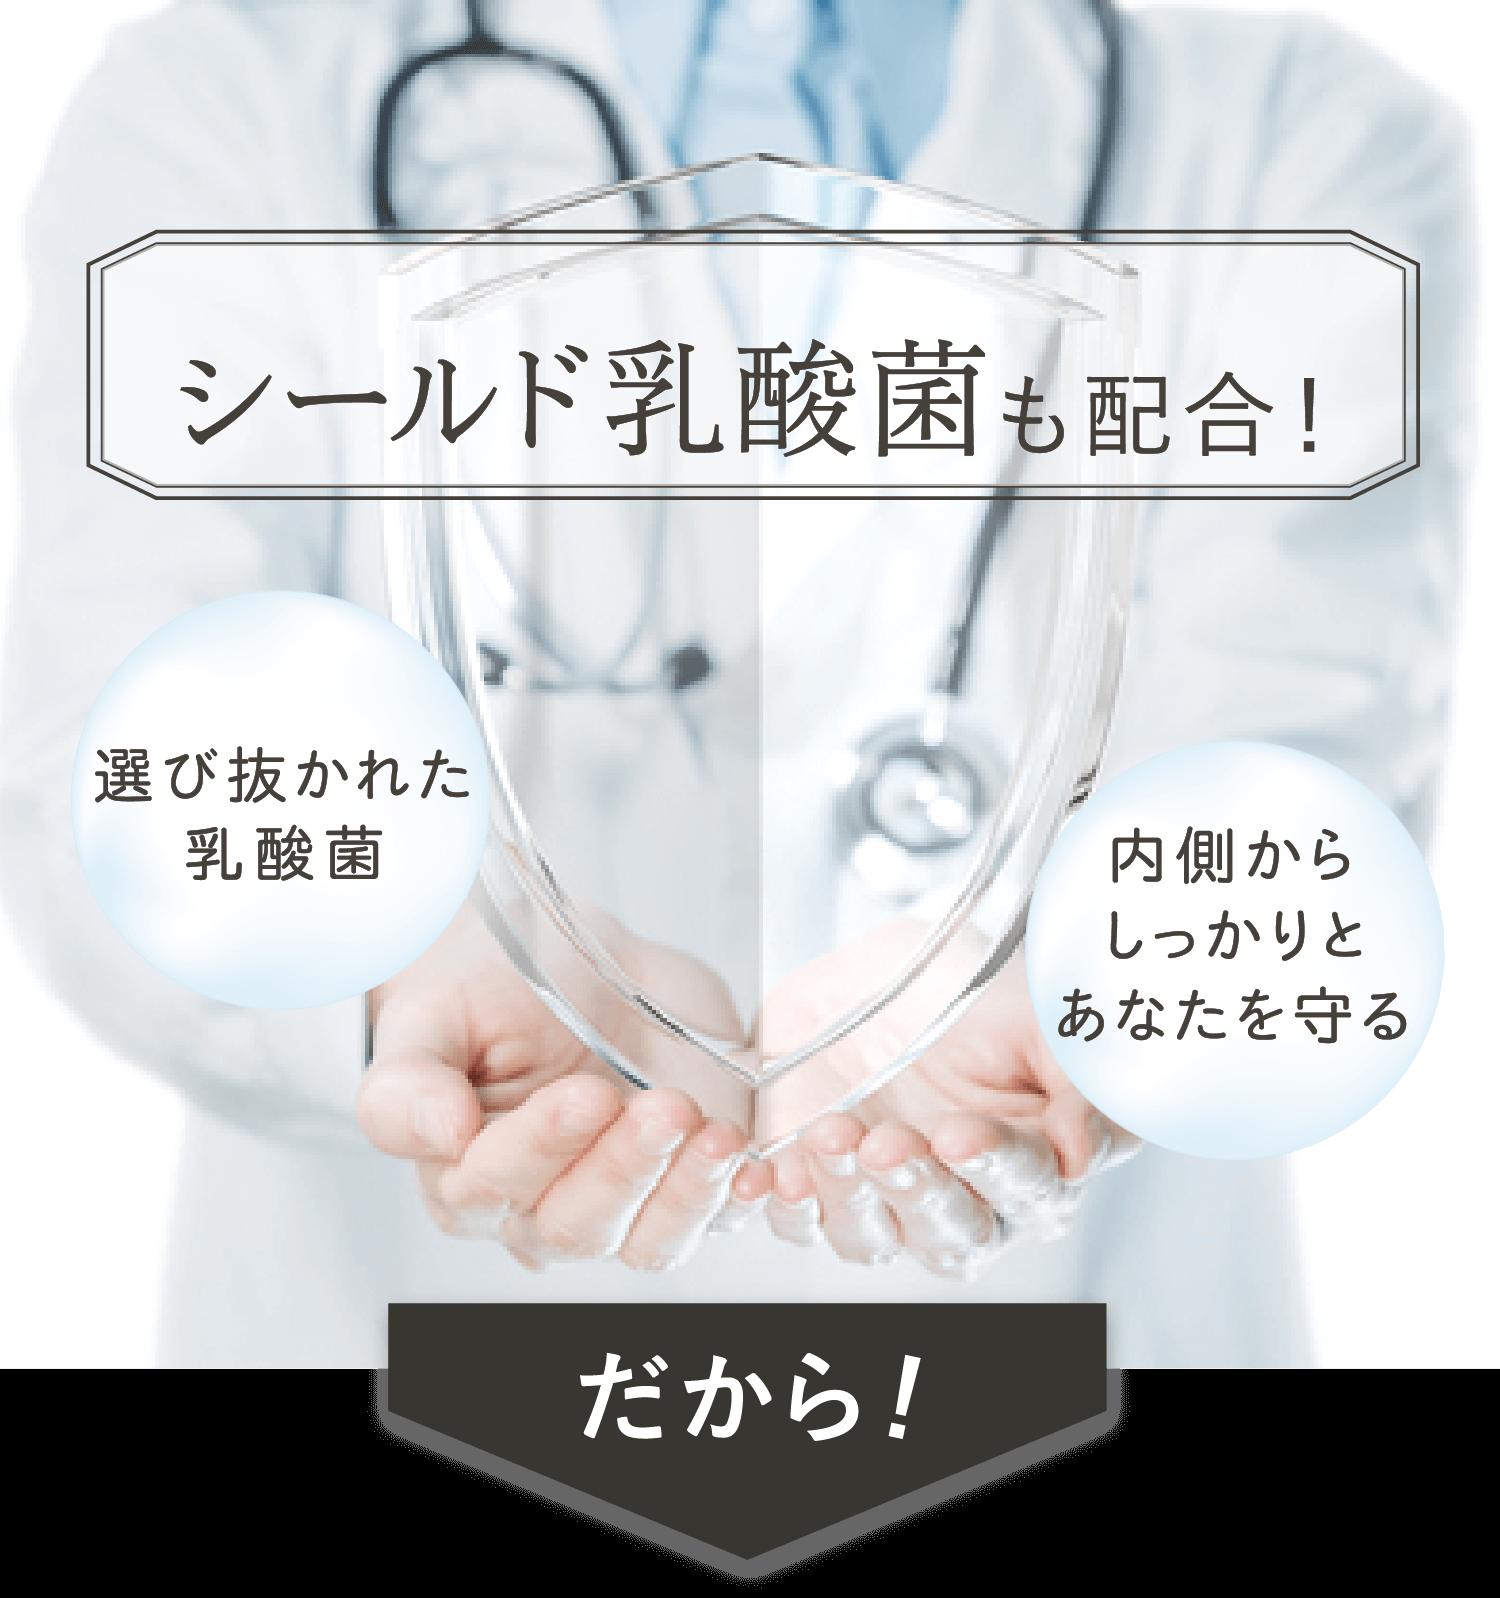 シールド乳酸菌